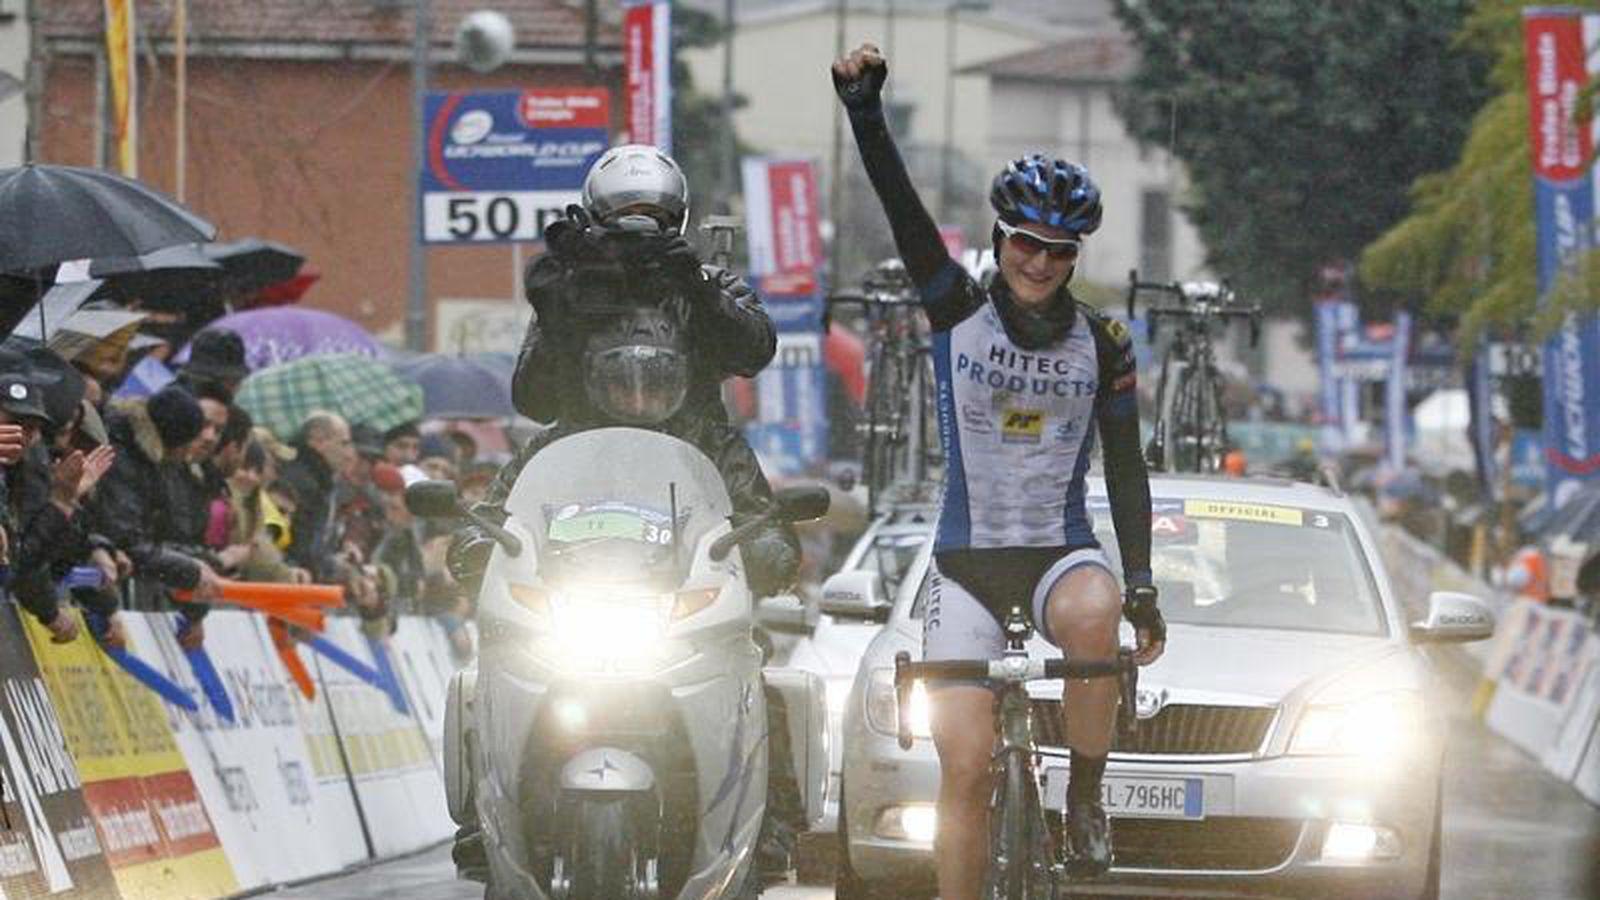 Elisa Longo Borghini on her Trofeo Binda win